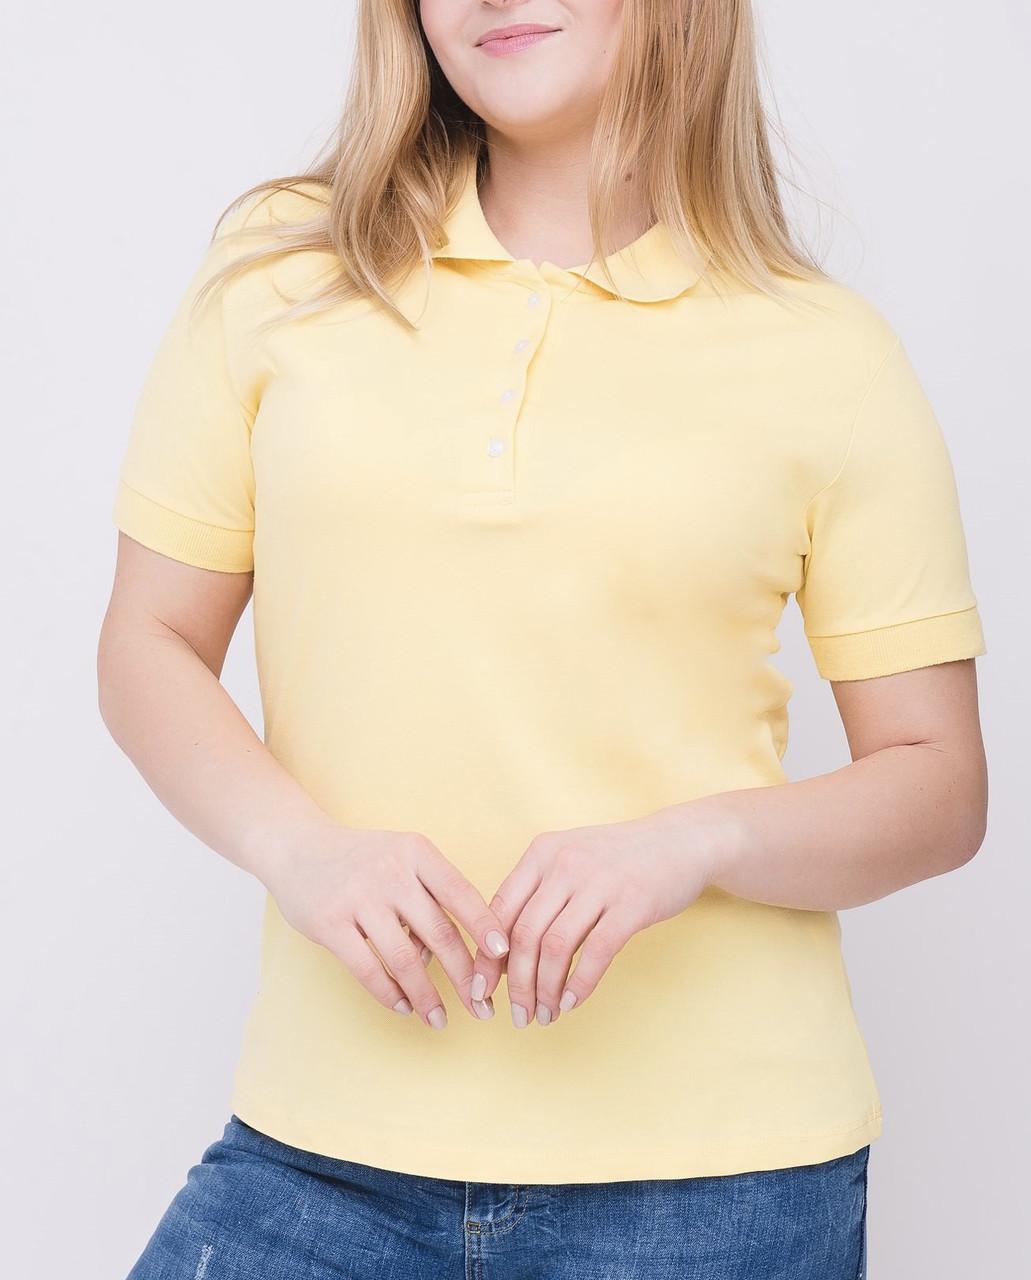 Женская футболка Поло увеличенного размера